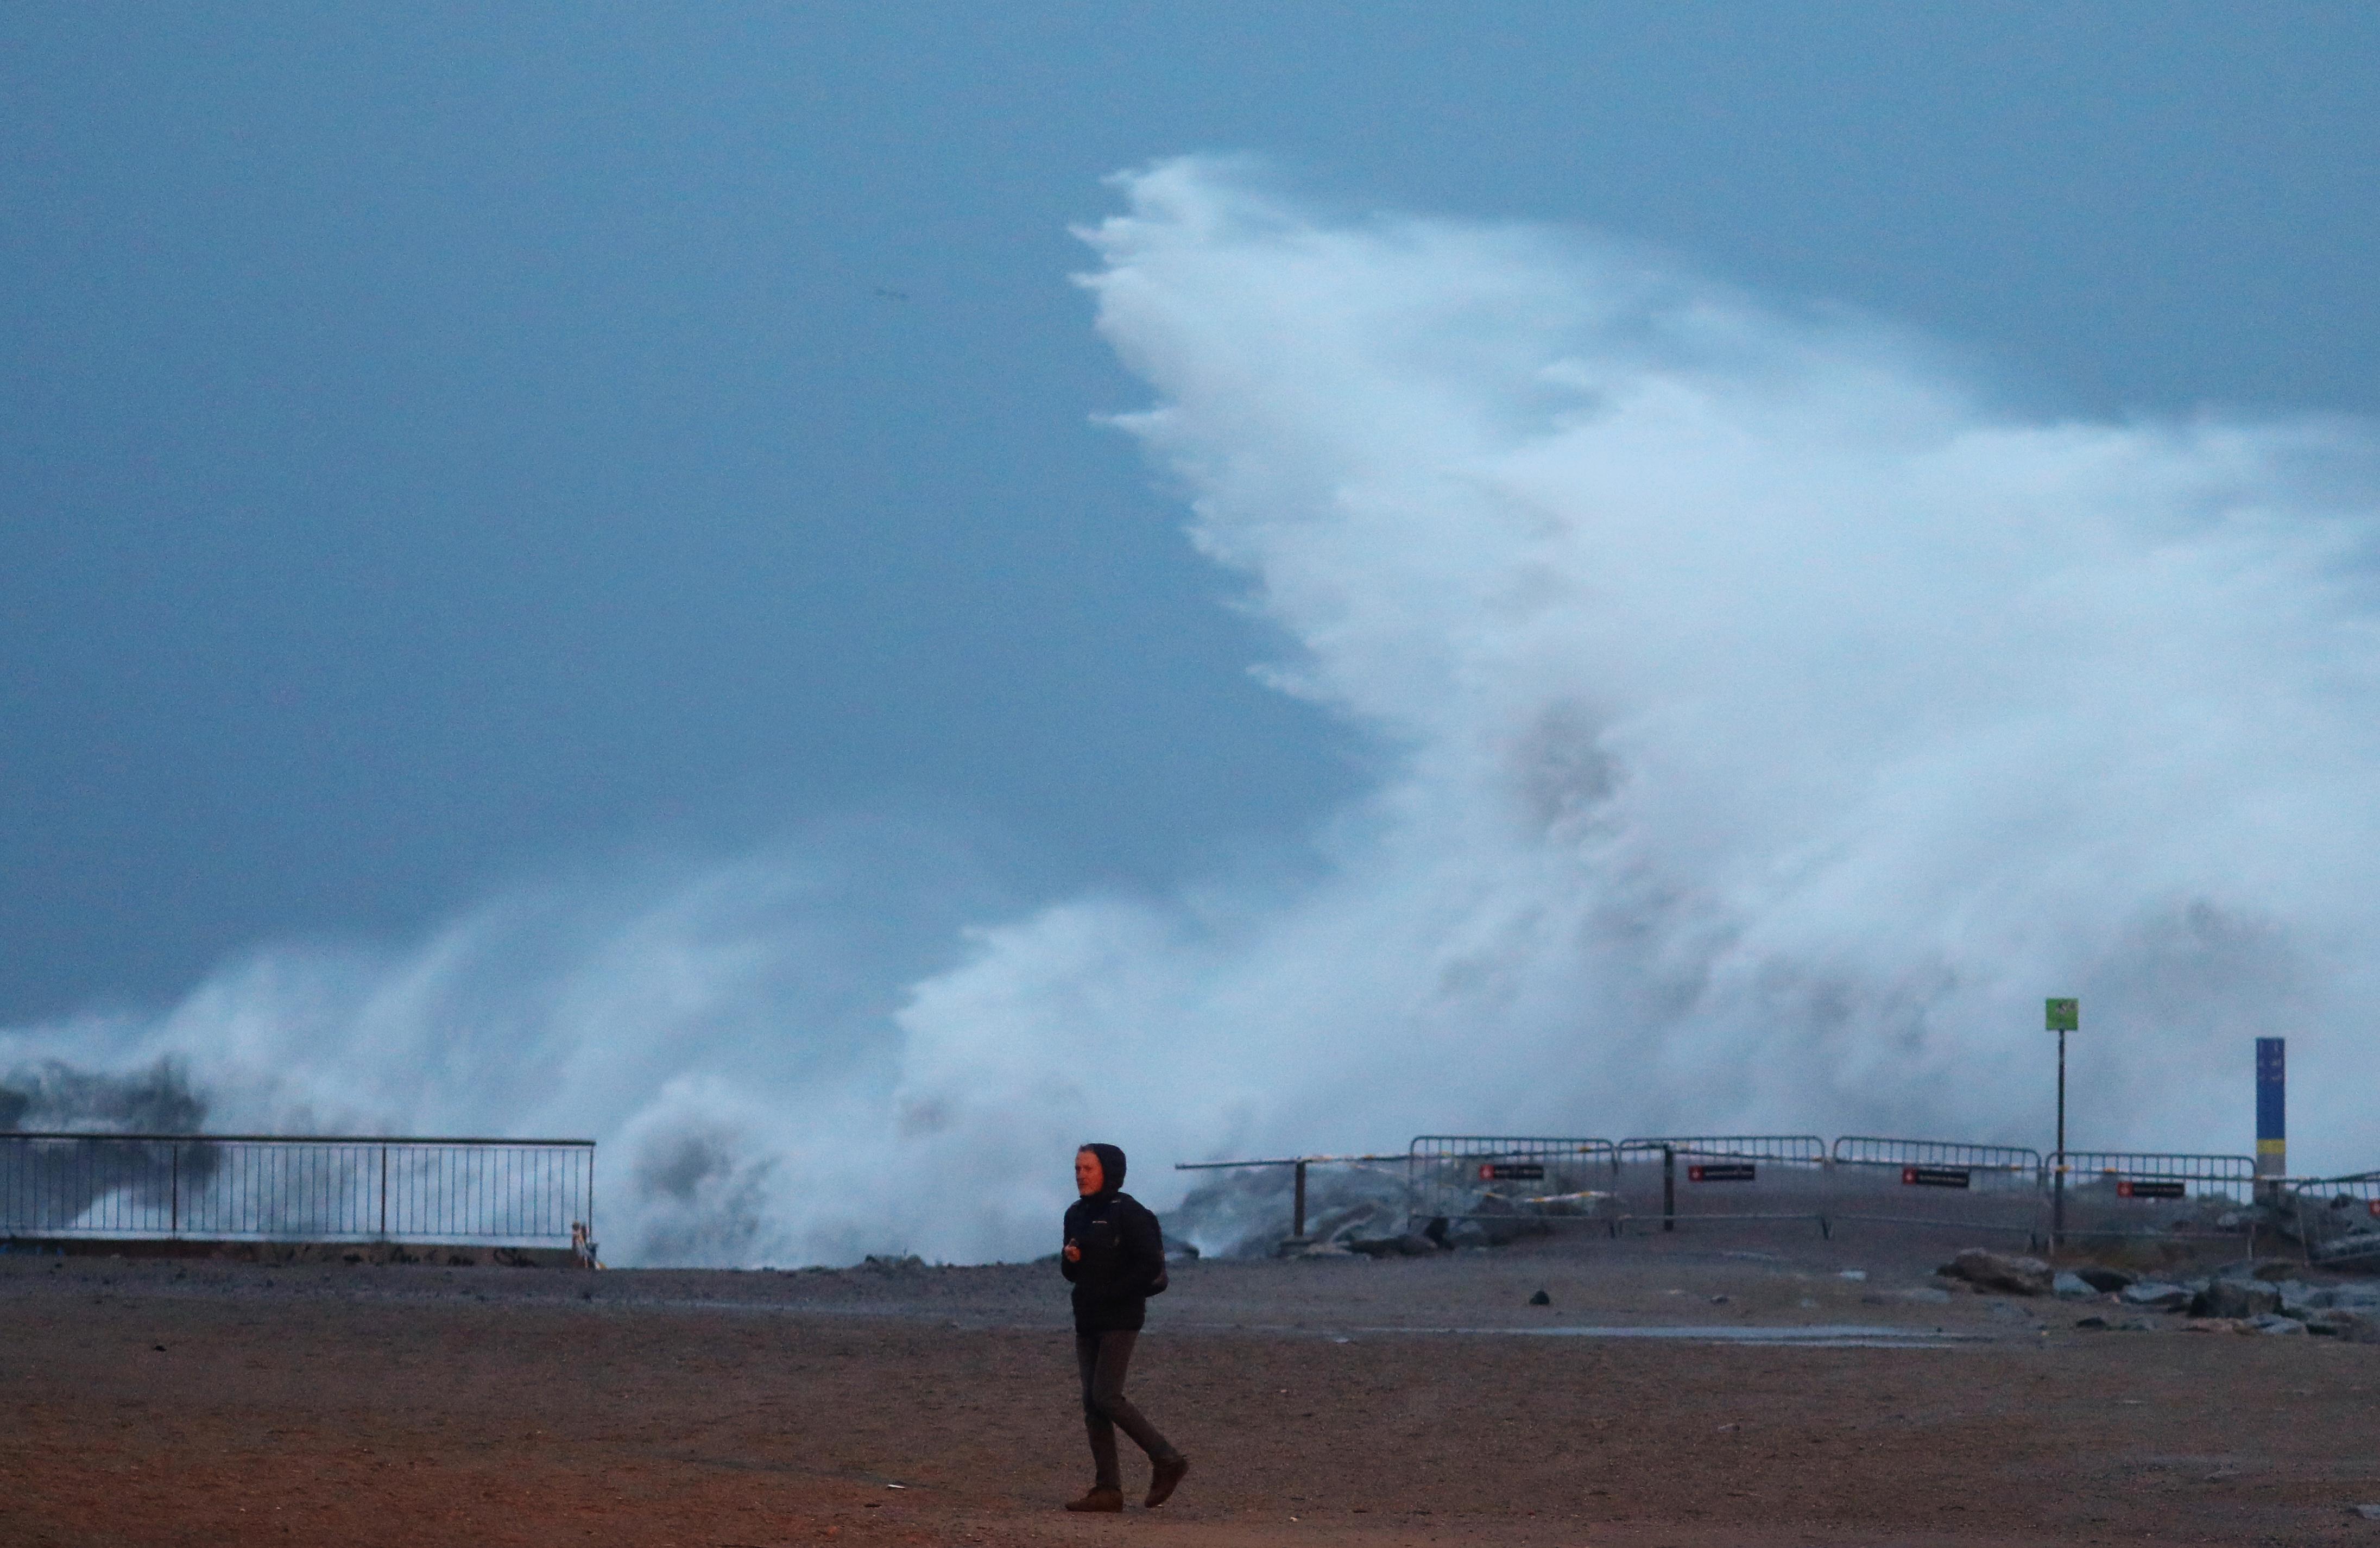 Κατέρρευσαν γέφυρες, «χάθηκαν» παραλίες! Απίστευτες καταστροφές και 13 νεκροί και 4 αγνοούμενοι στην Ισπανία από τη Γκλόρια